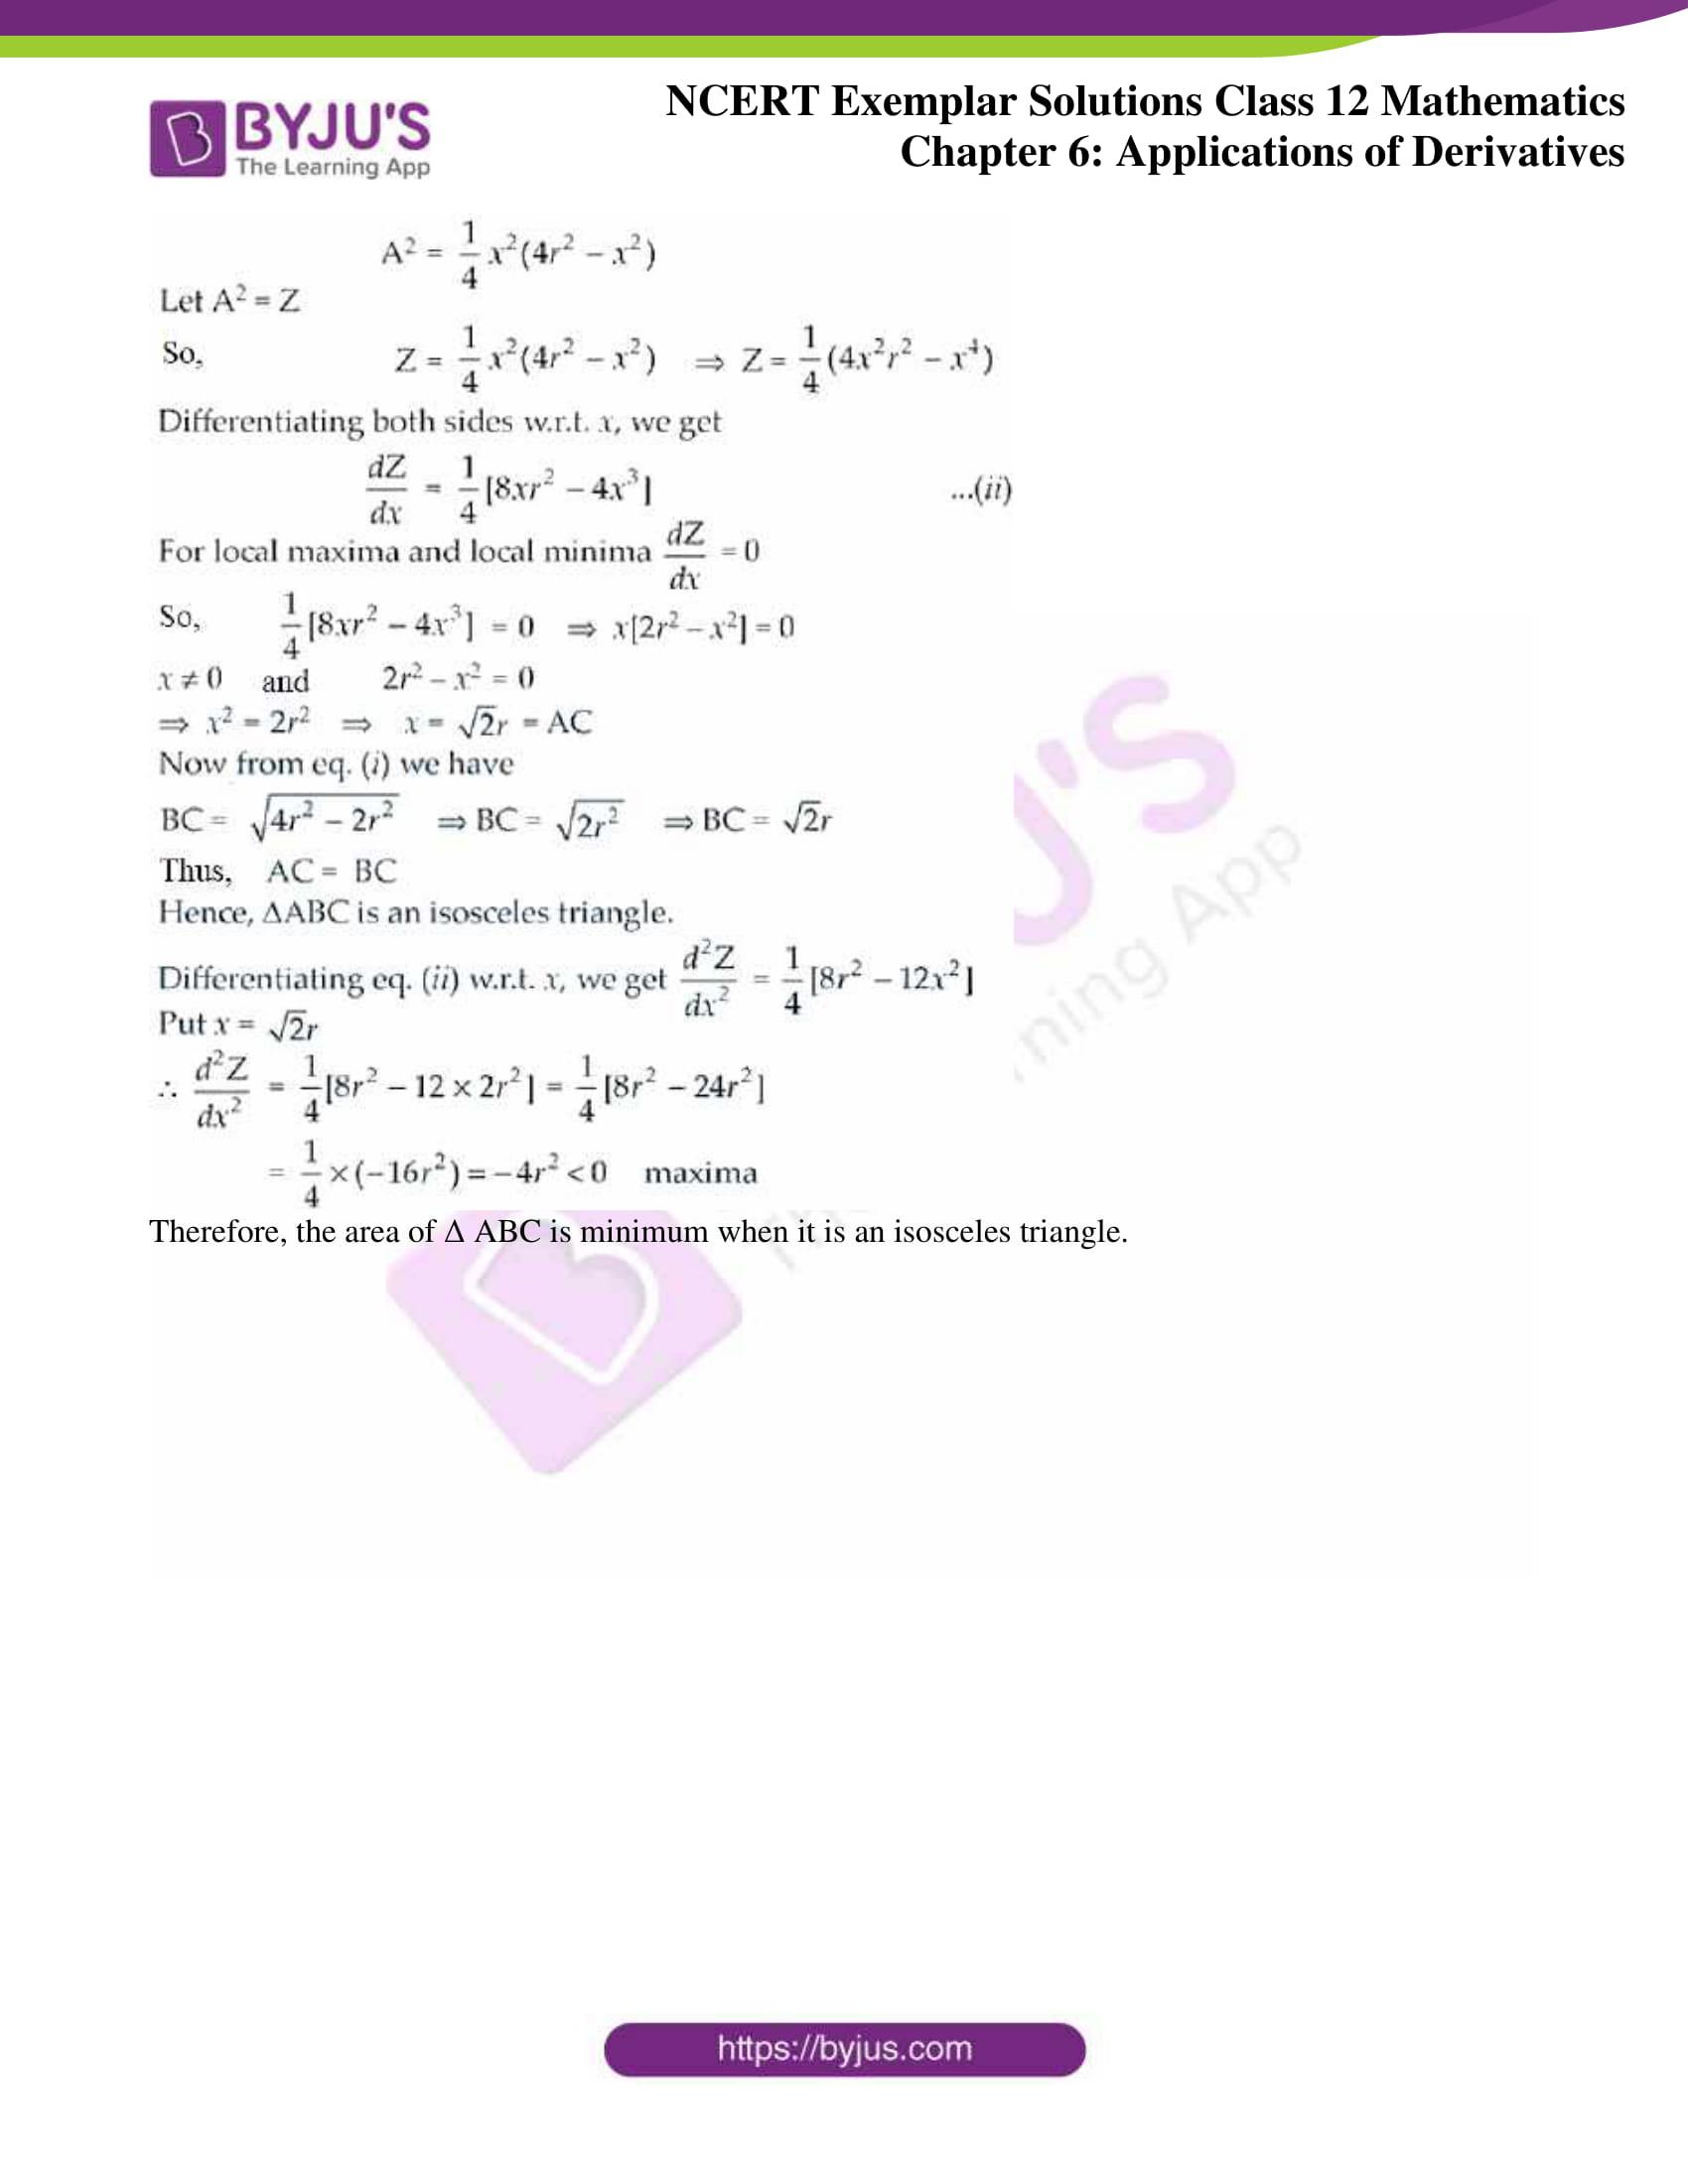 ncert exemplar sol class 12 math ch6 21